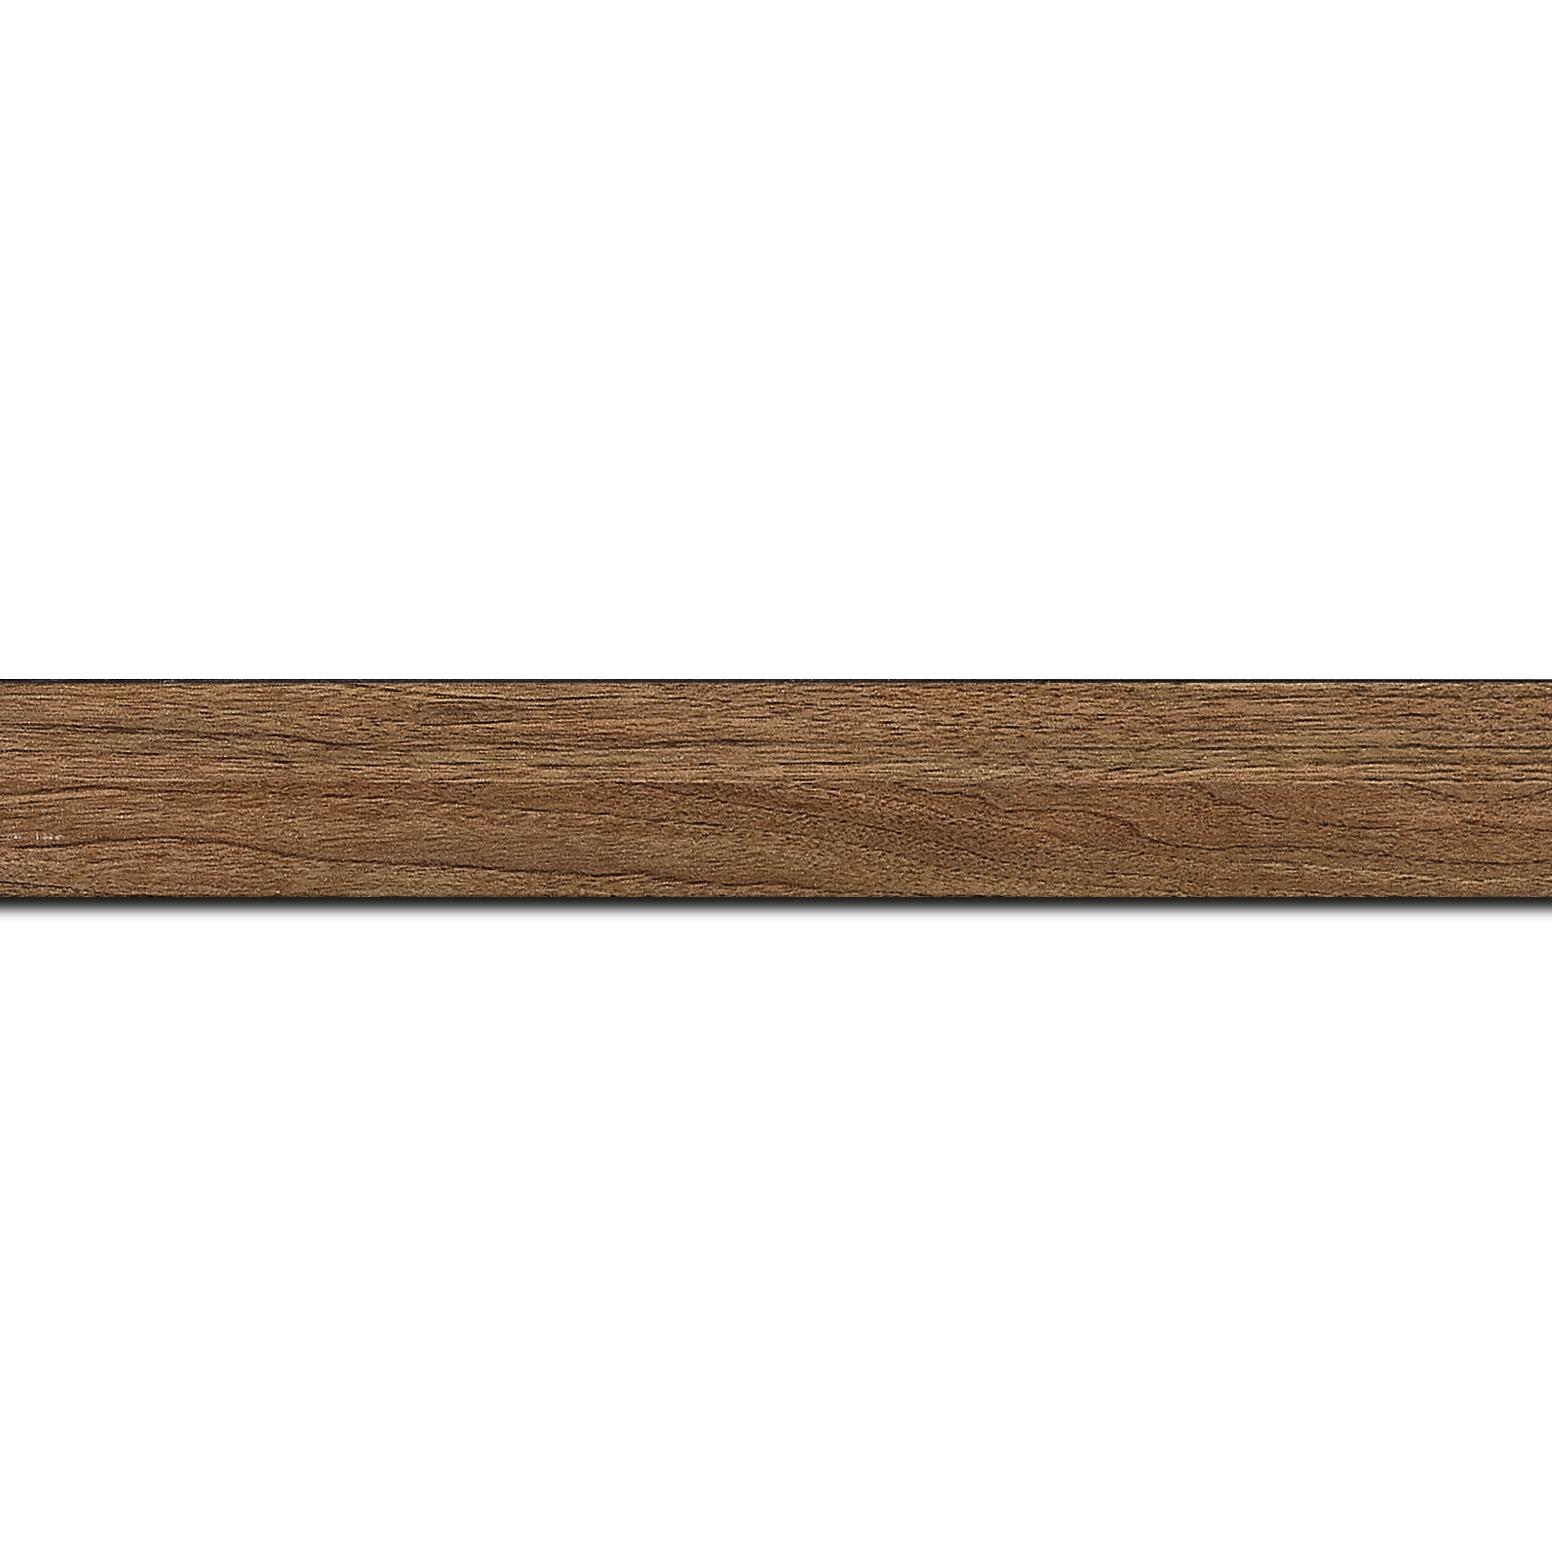 Pack par 12m, bois profil plat largeur 2.6cm hauteur 5cm décor bois chêne doré(longueur baguette pouvant varier entre 2.40m et 3m selon arrivage des bois)